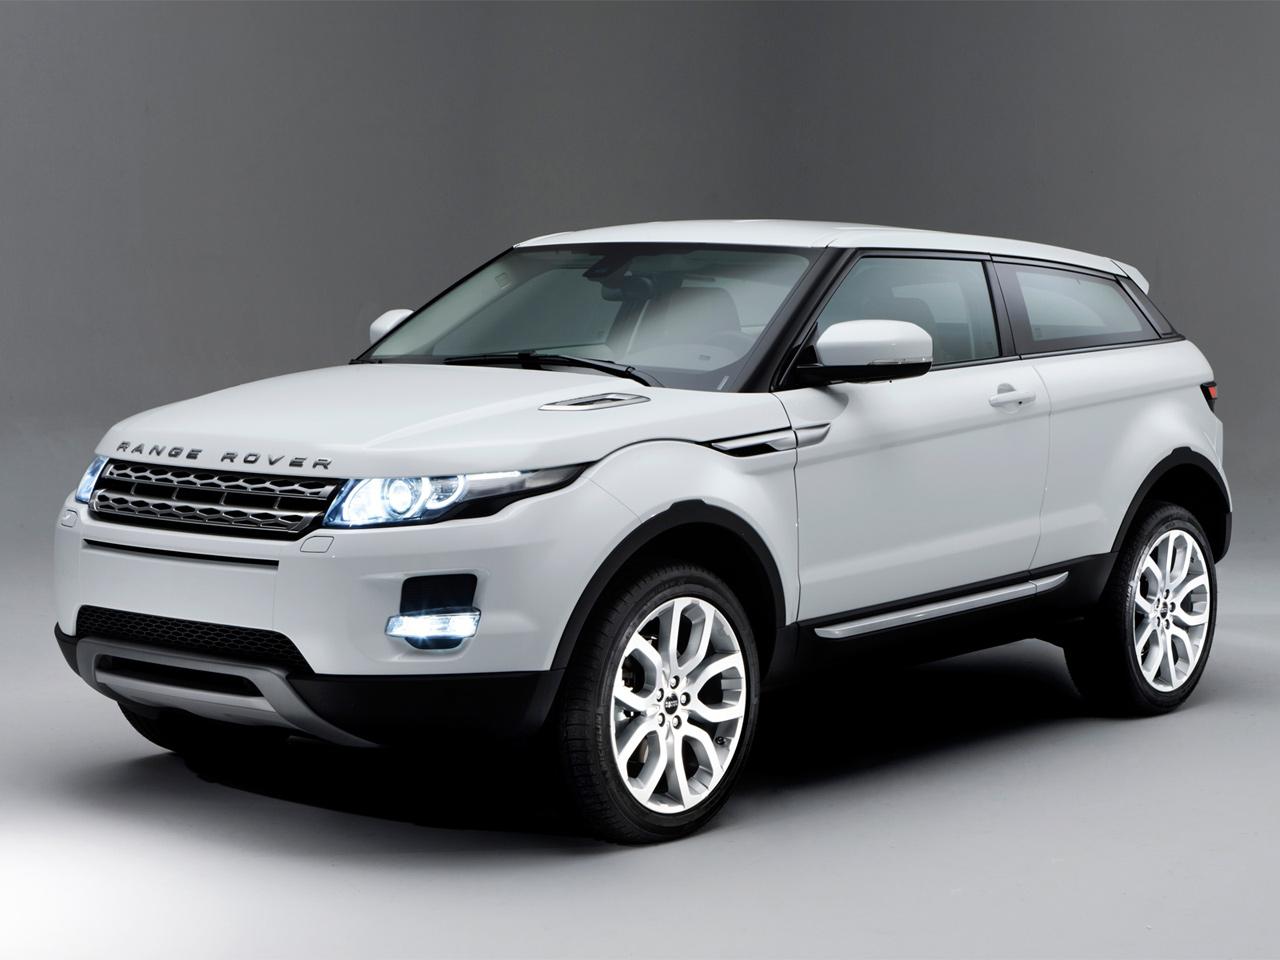 Range Rover Evoque Carros De Luxo Carros Range Rover